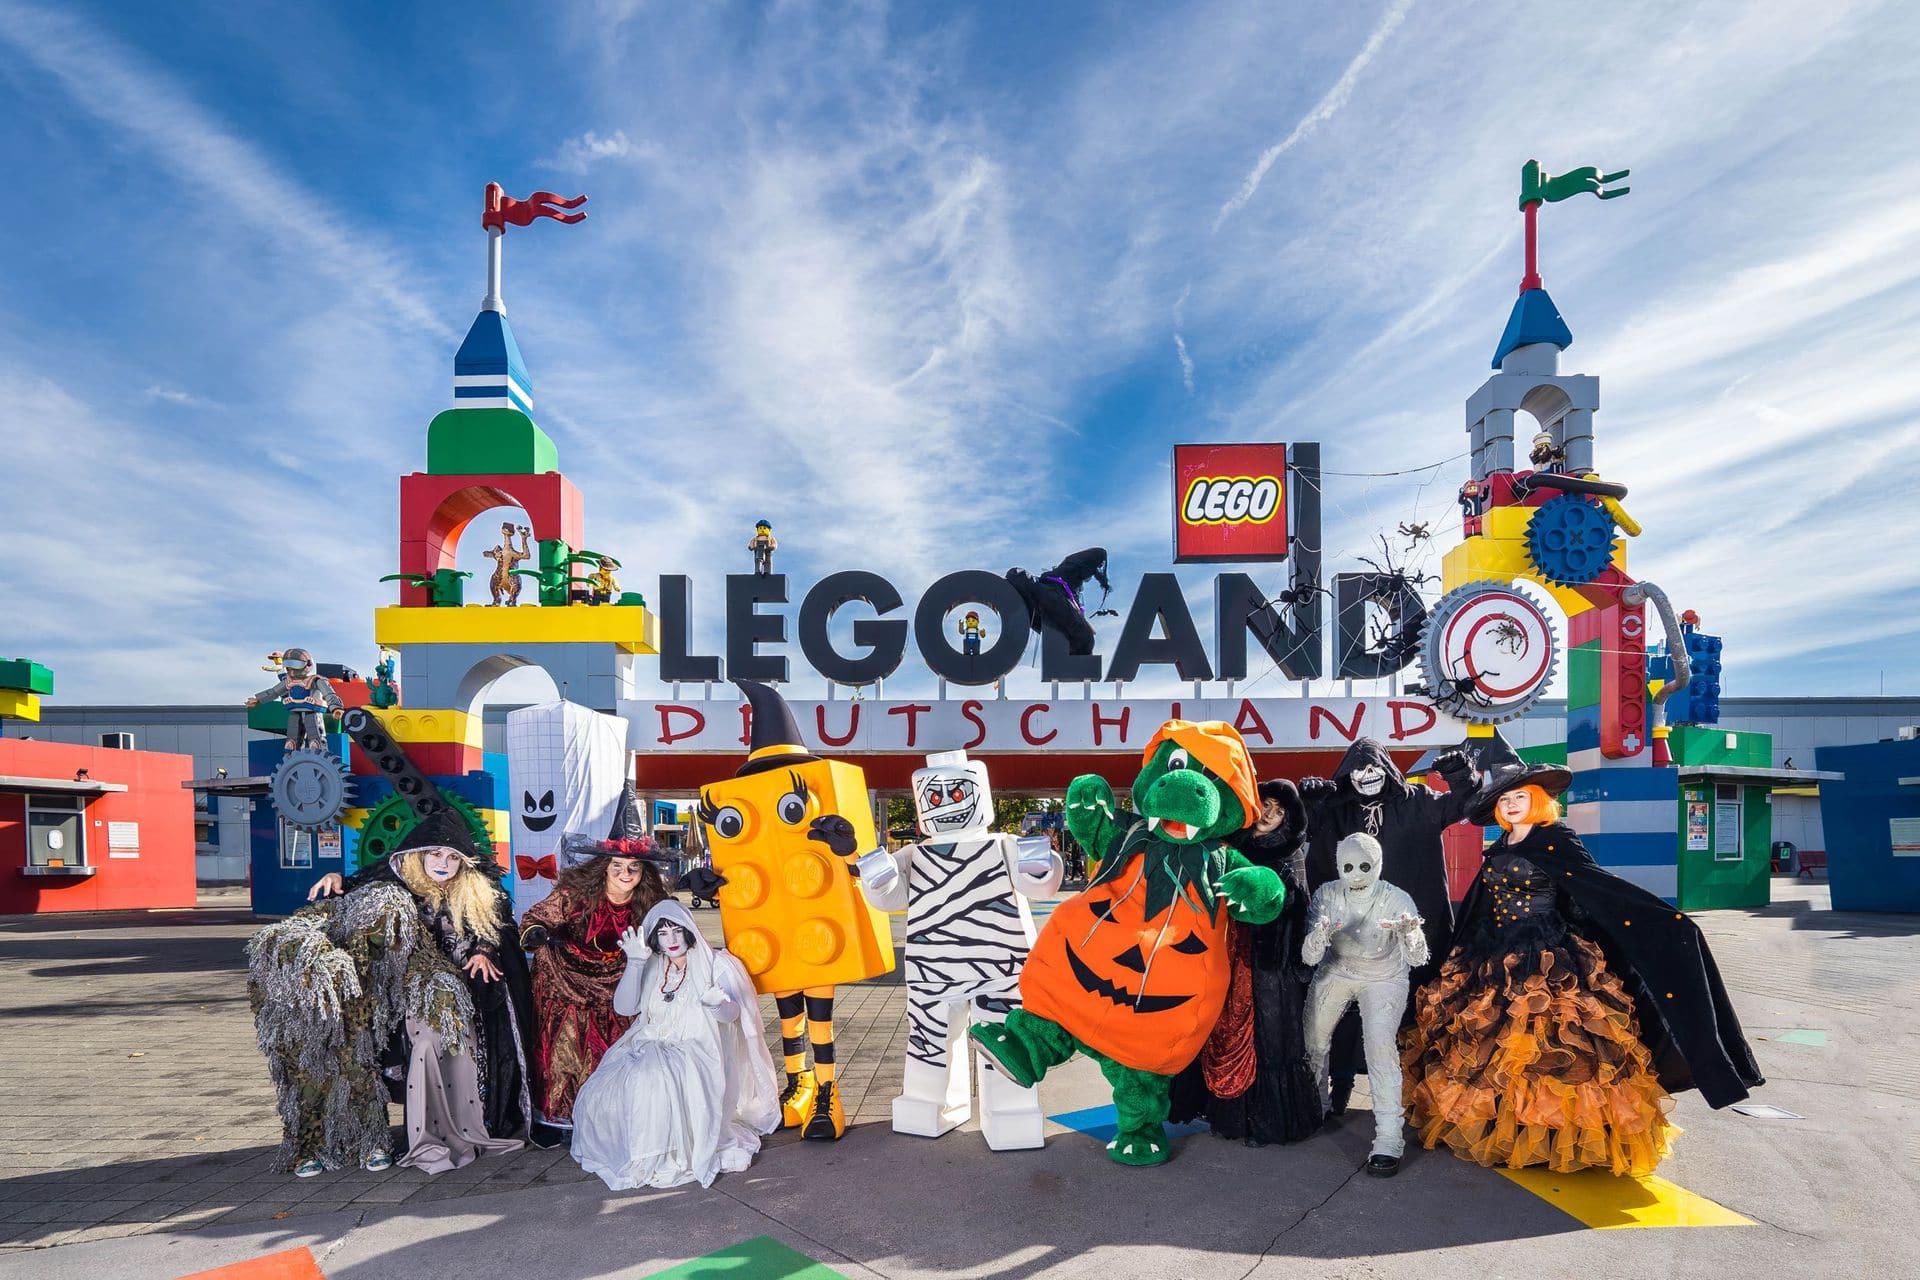 Gruselspaß für die ganze Familie Blizz verlost 2 x 4 LEGOLAND Tageskarten inklusive freiem Parken